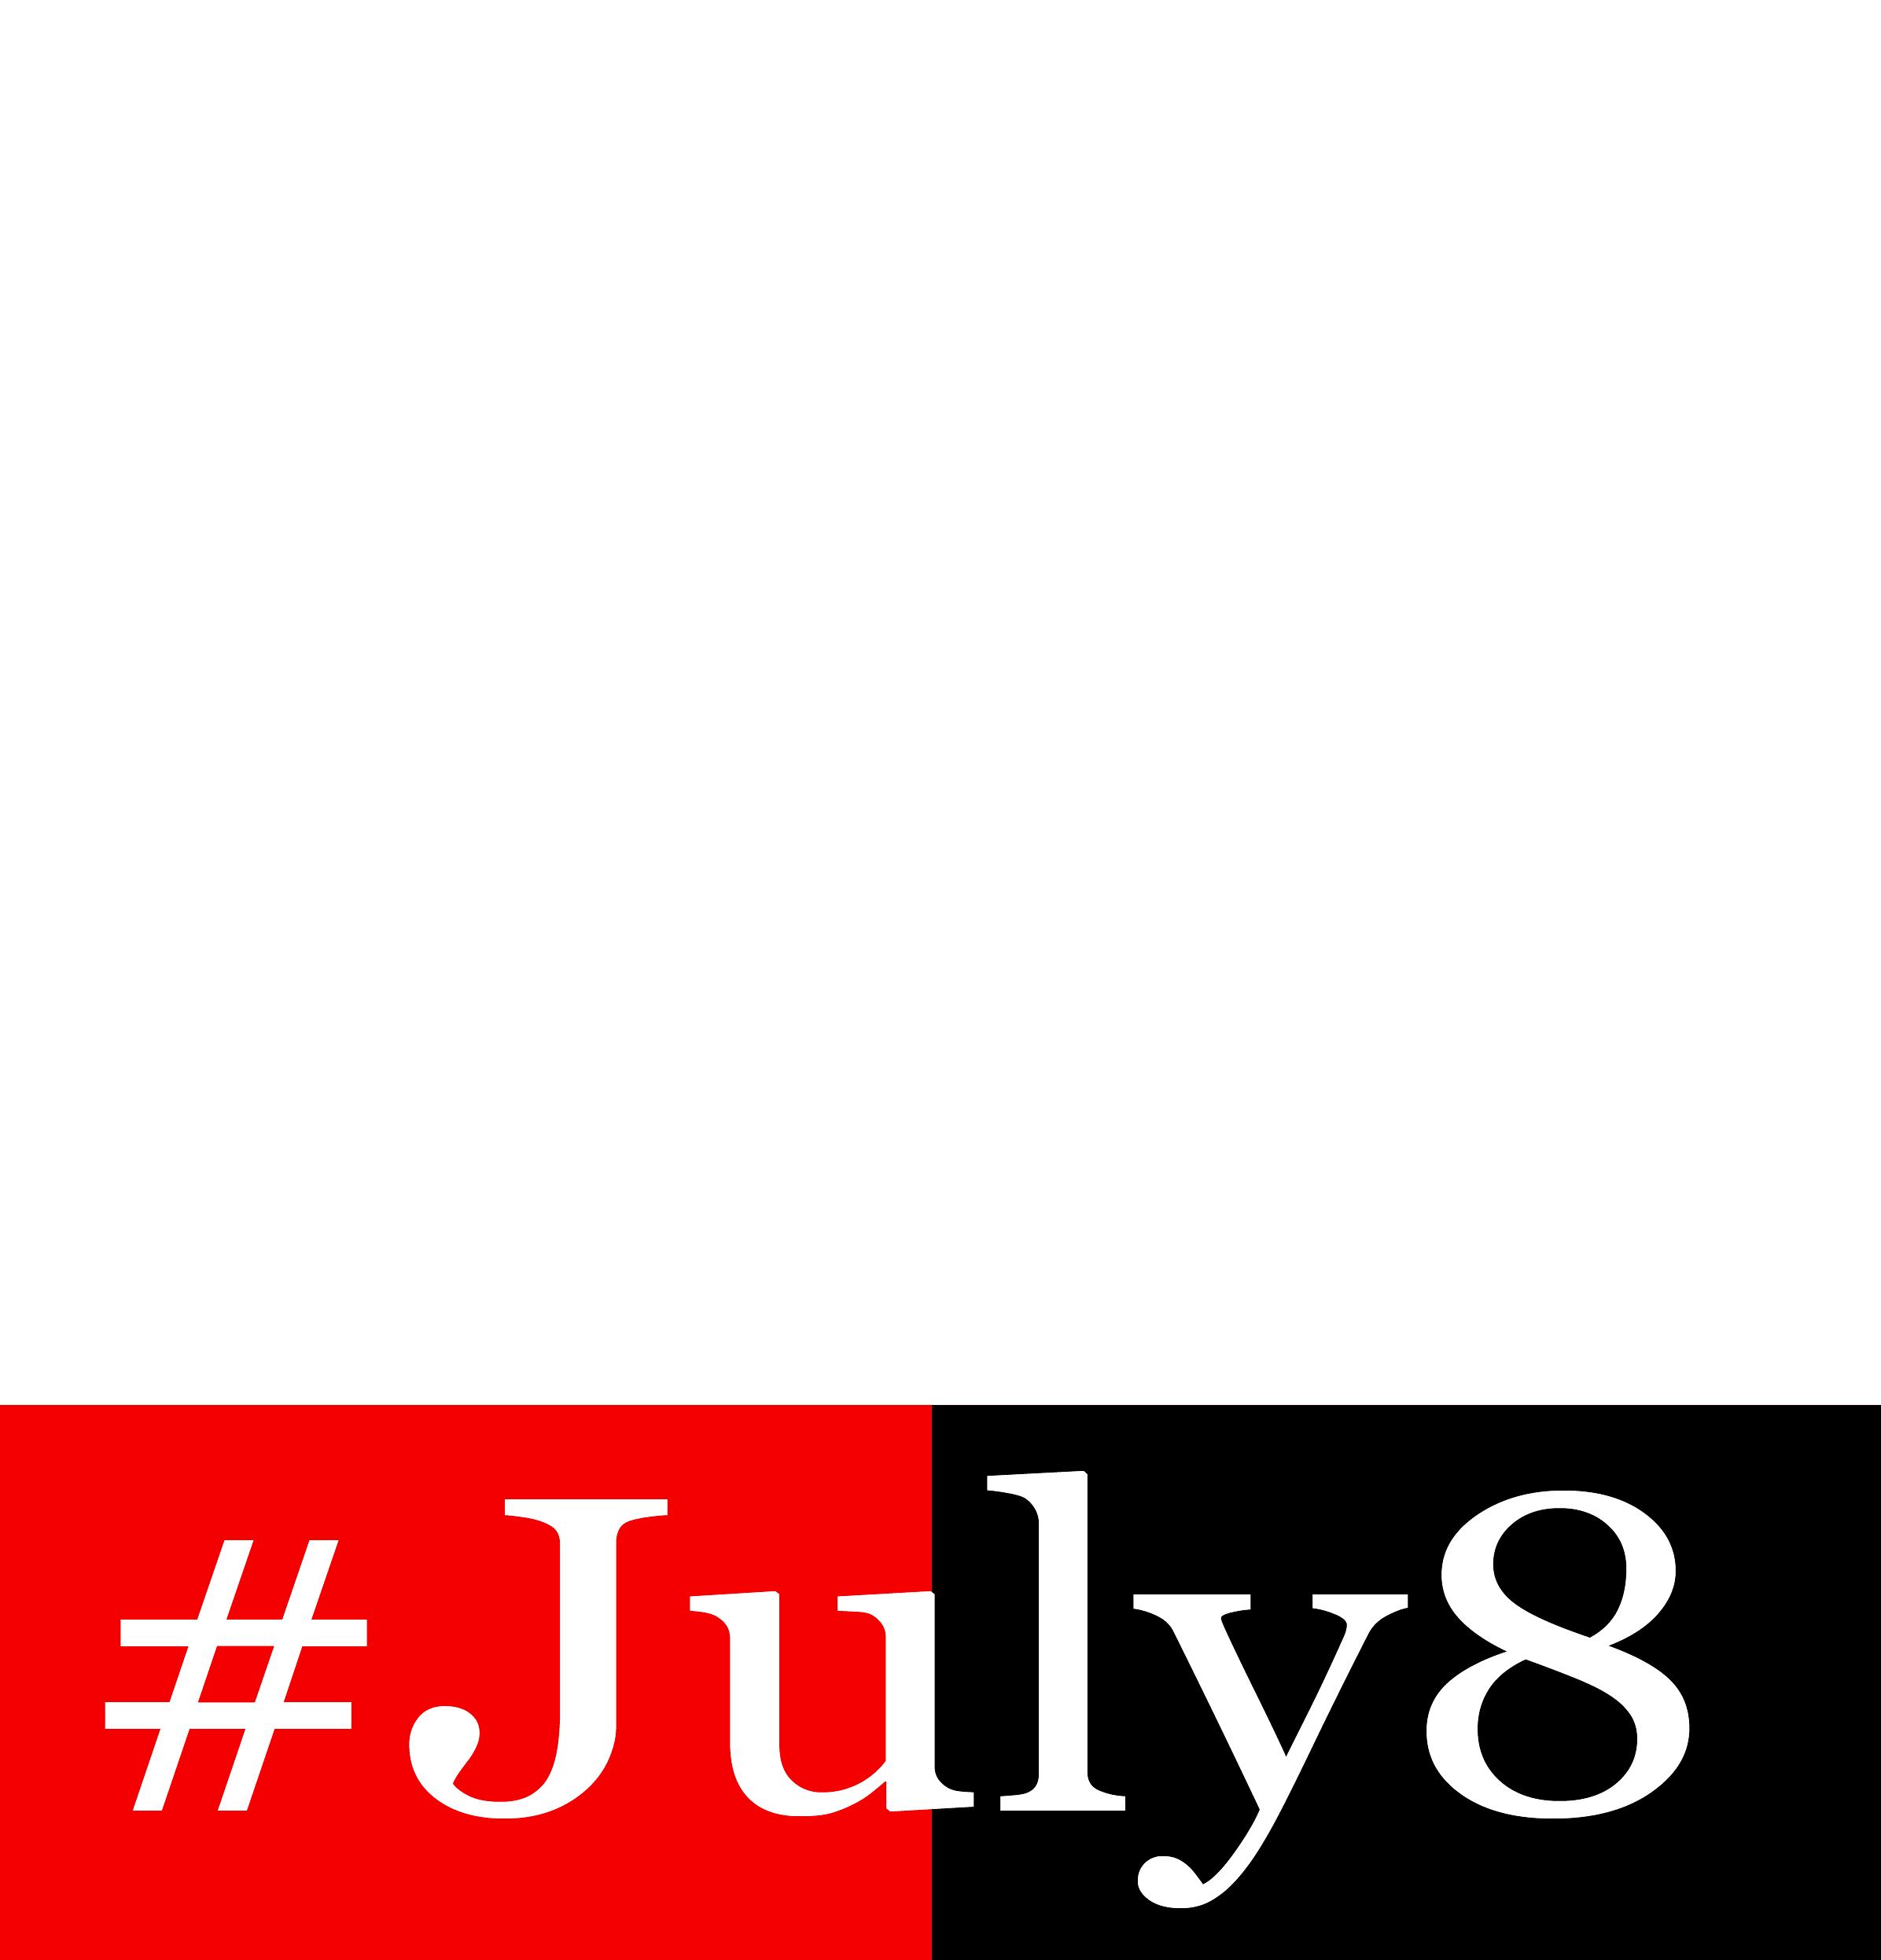 # july8